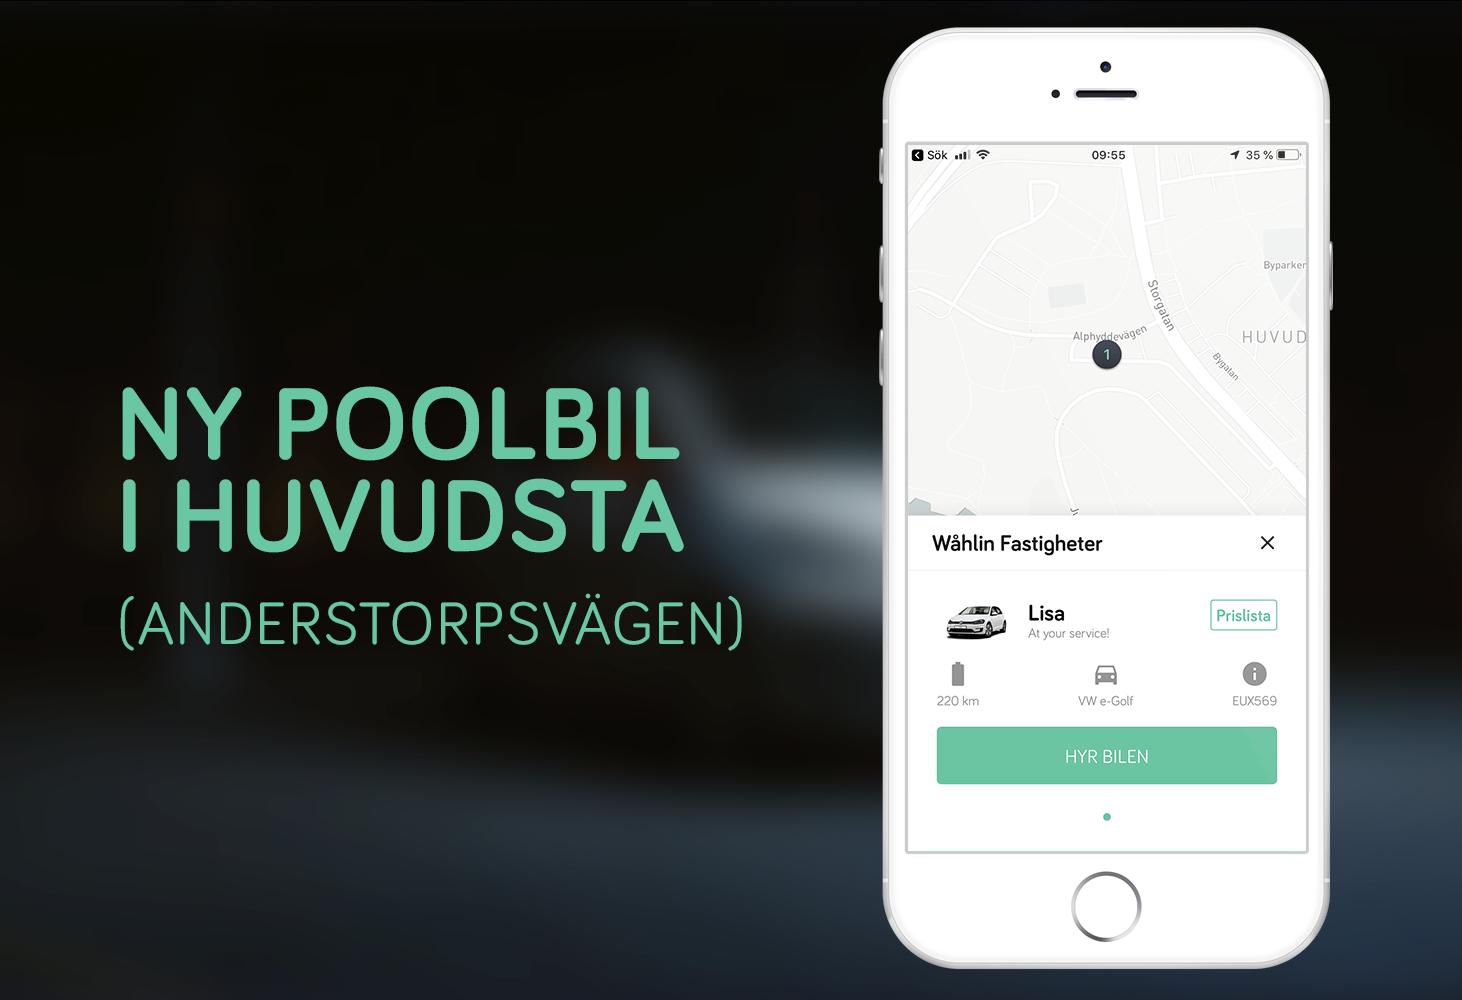 Anderstorpsvägen - Tillsammans med Wåhlin Fastigheter erbjuder vi boendei området att hyra VW eGolf via vår app.Anderstorpsvägen 4, 171 51 Solna